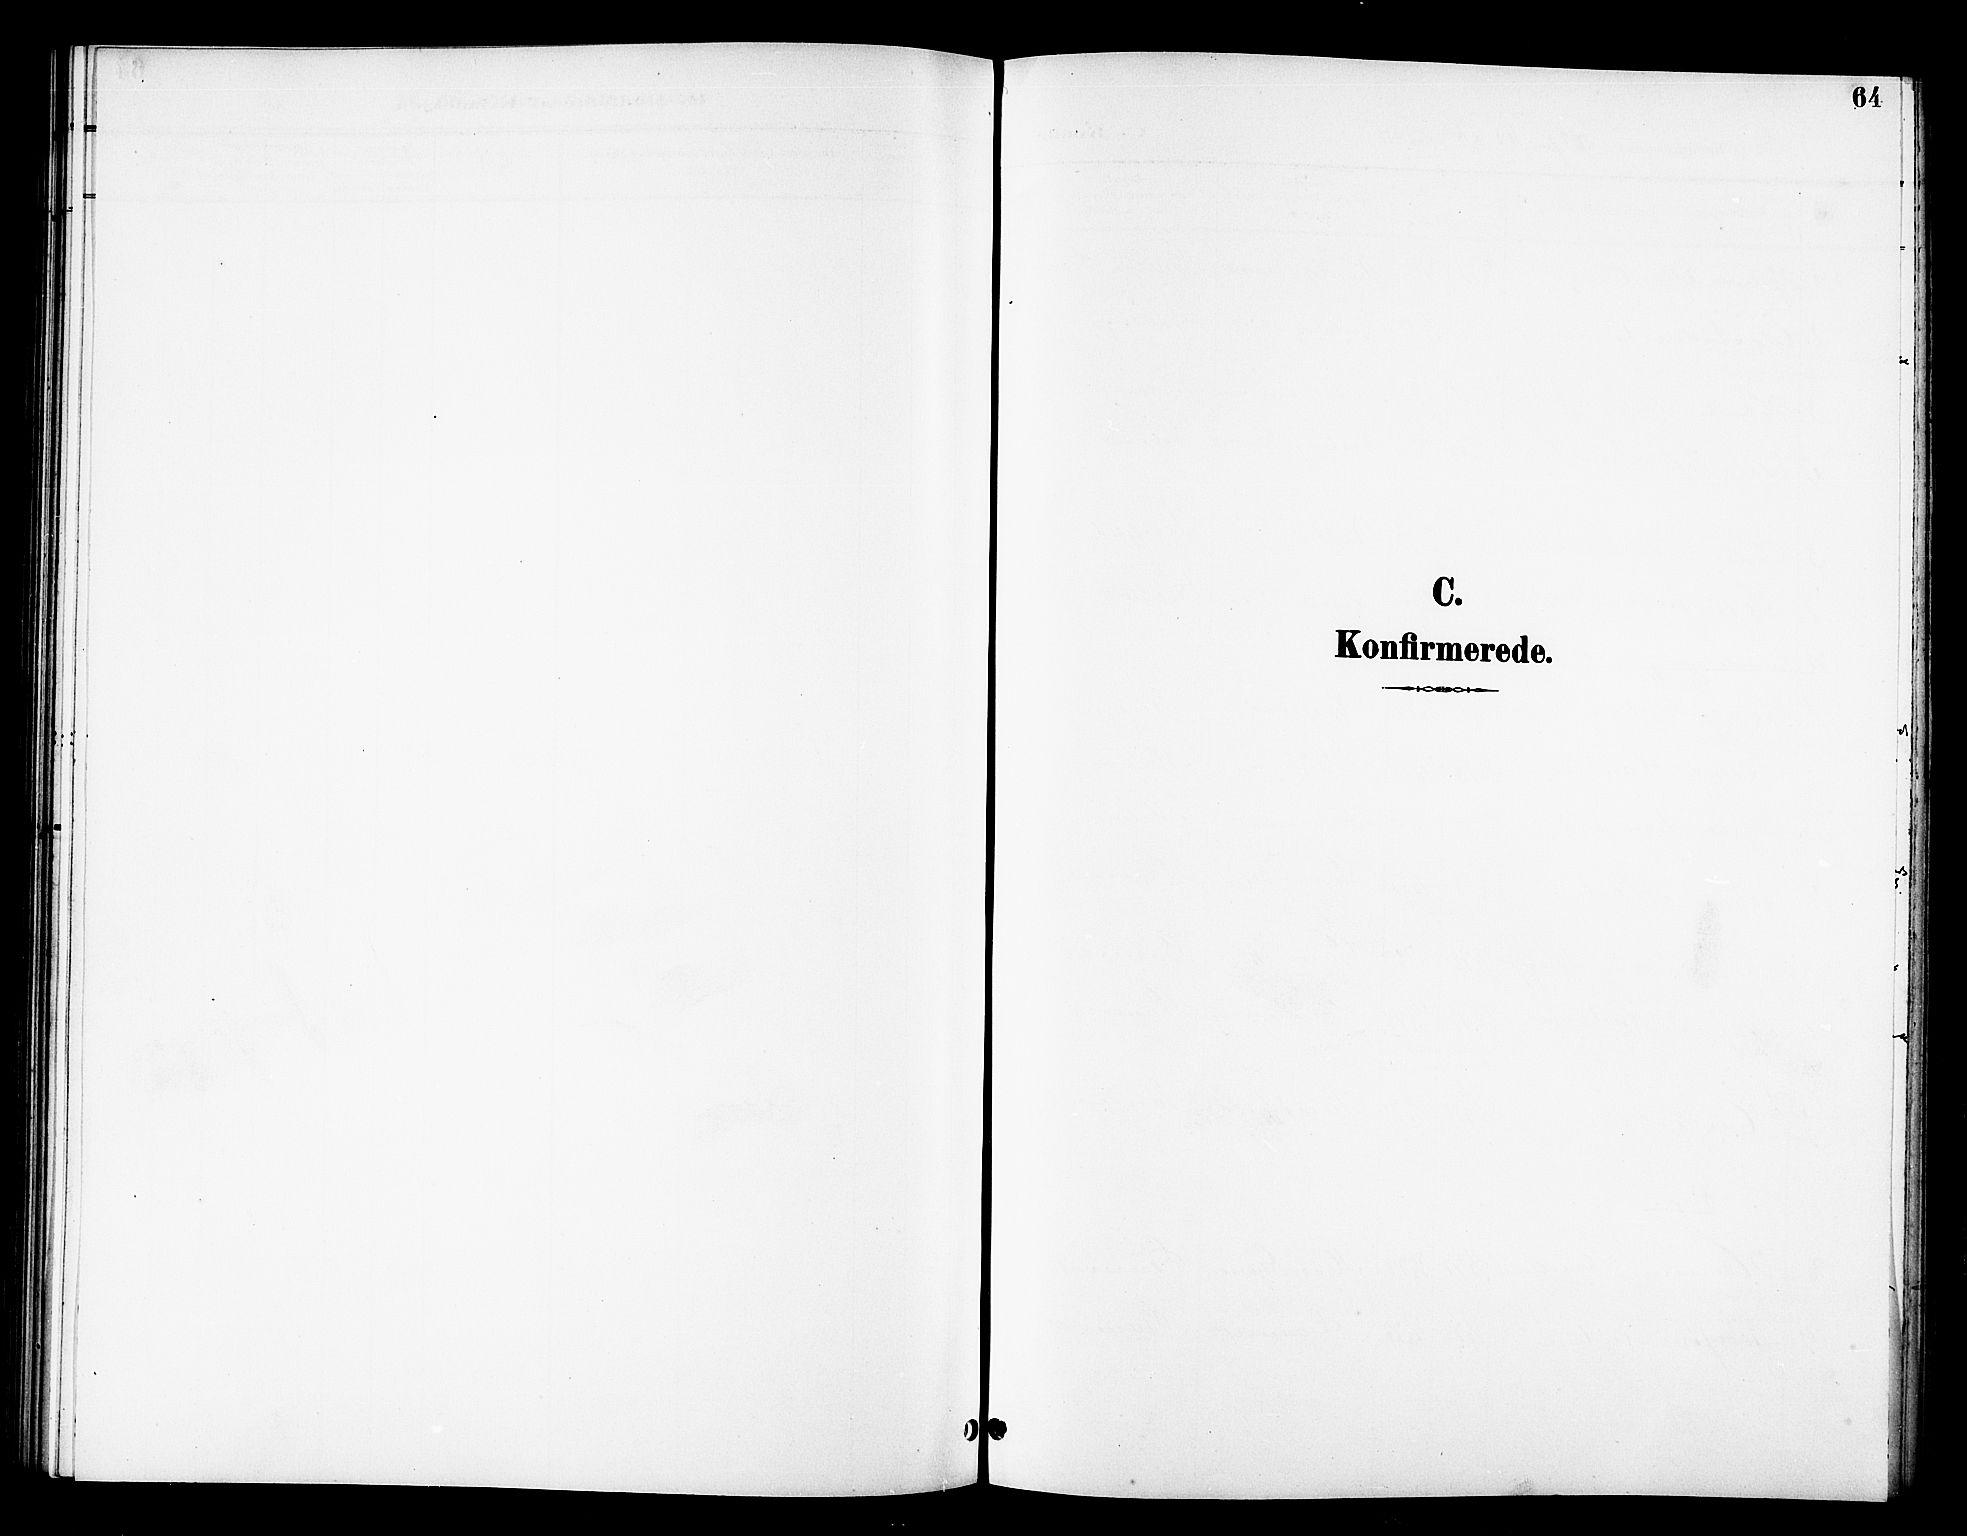 SATØ, Tana sokneprestkontor, H/Hb/L0006klokker: Klokkerbok nr. 6, 1892-1909, s. 64